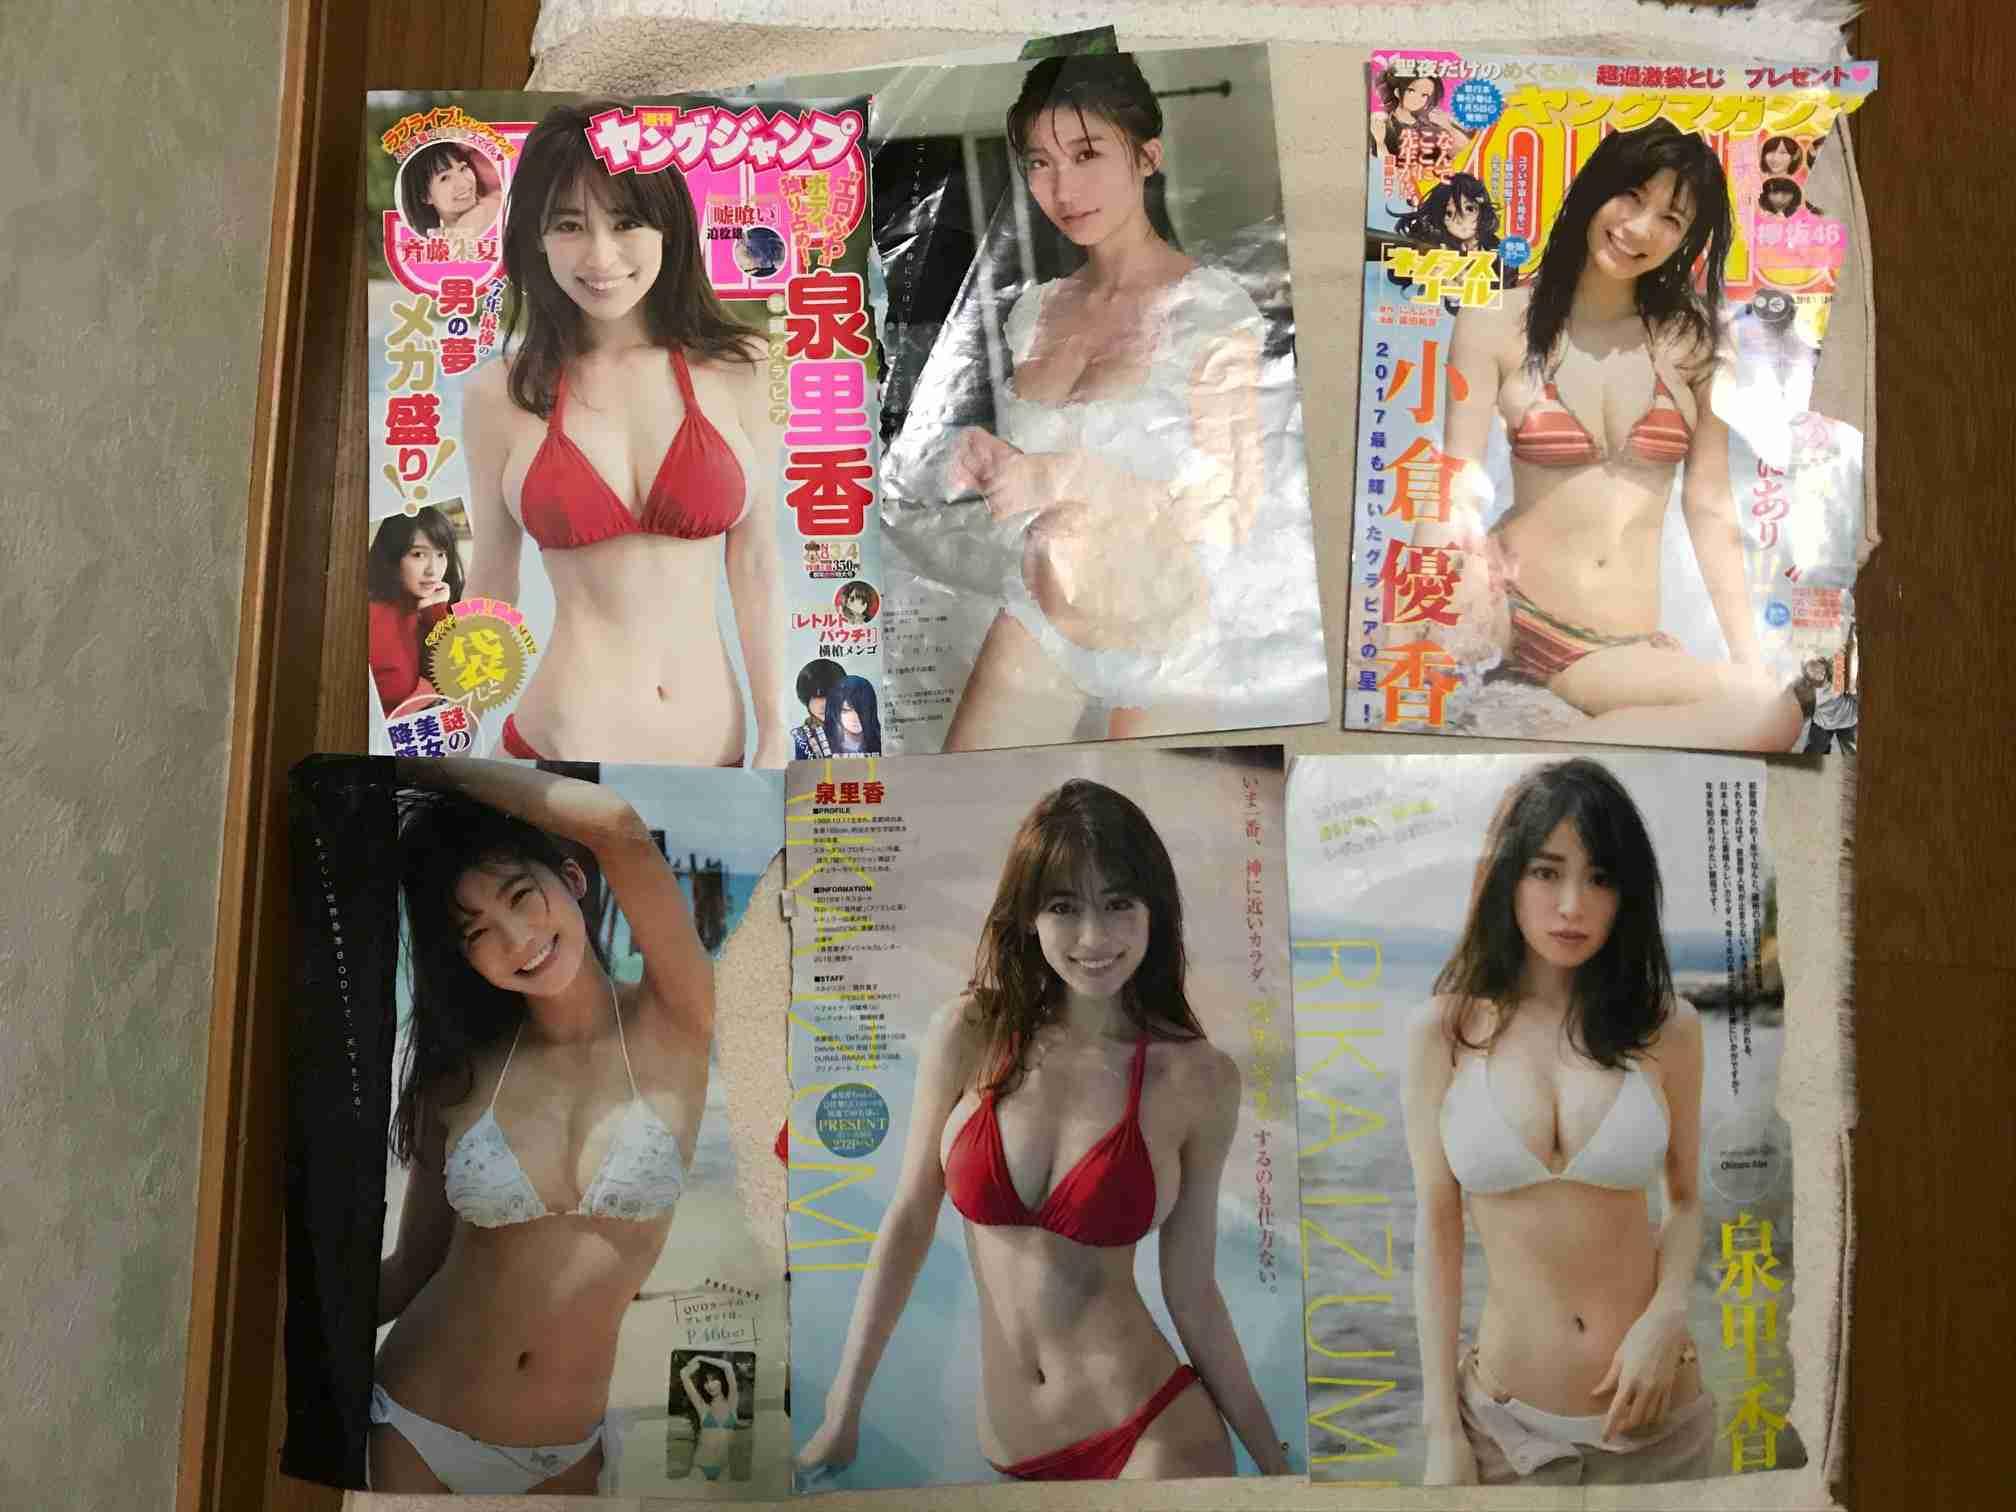 日本で美化されてること